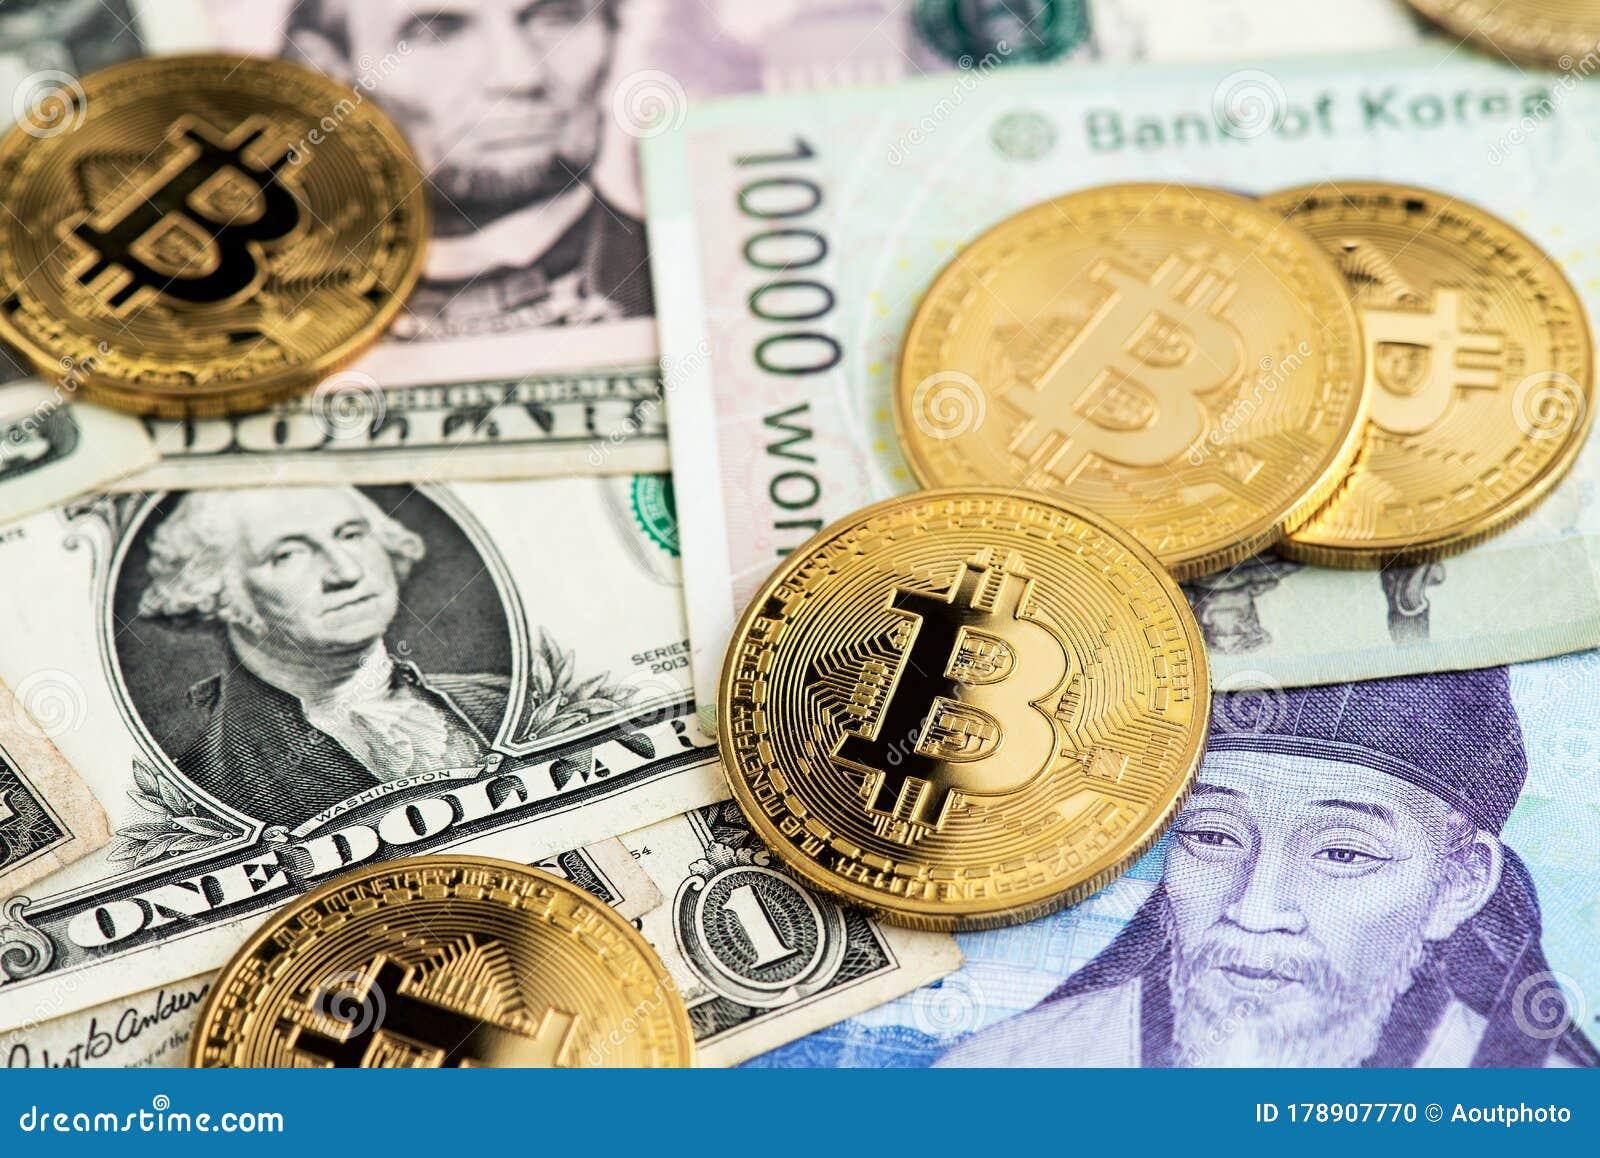 vásárolni és kereskedelmi bitcoin azonnal vpn fizet a bitcoinnal